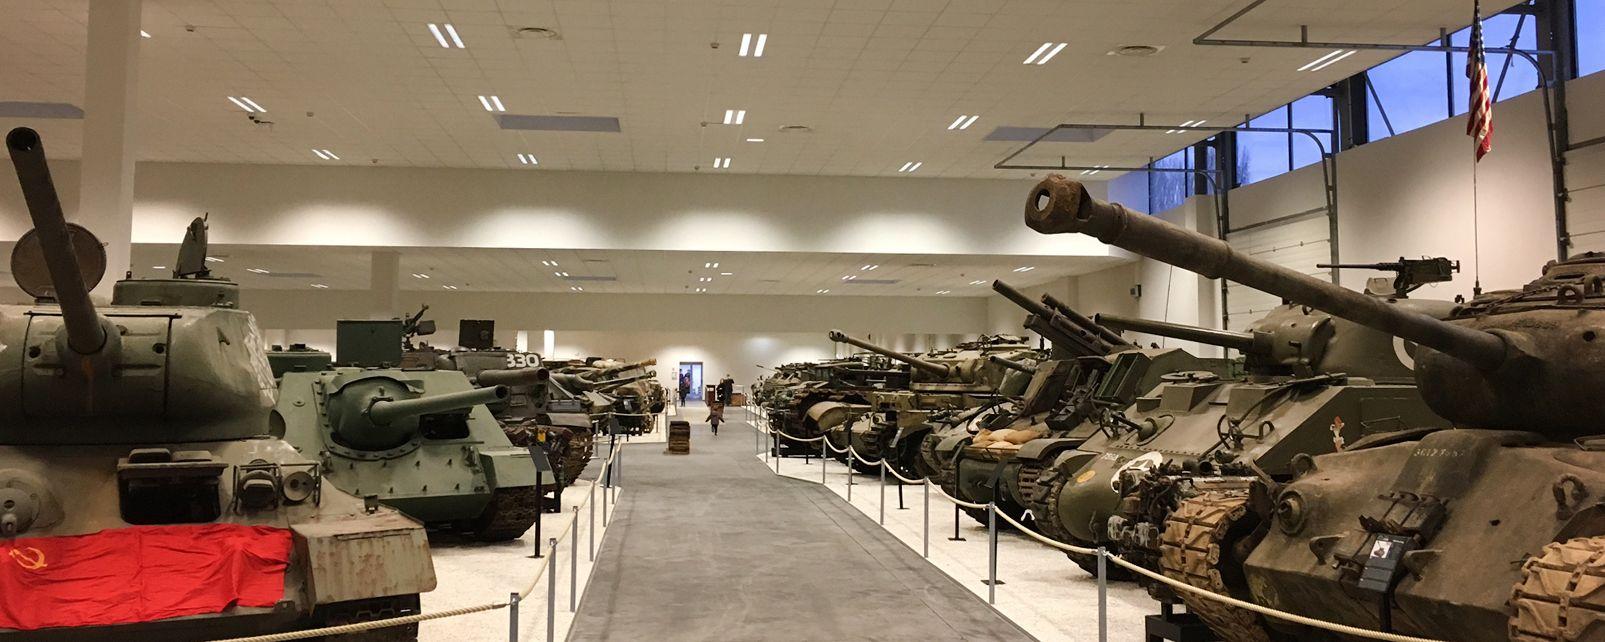 Les activités et les loisirs, MM park, musée, guerre, culture, arme, alsace, europe, france, parc, militaire